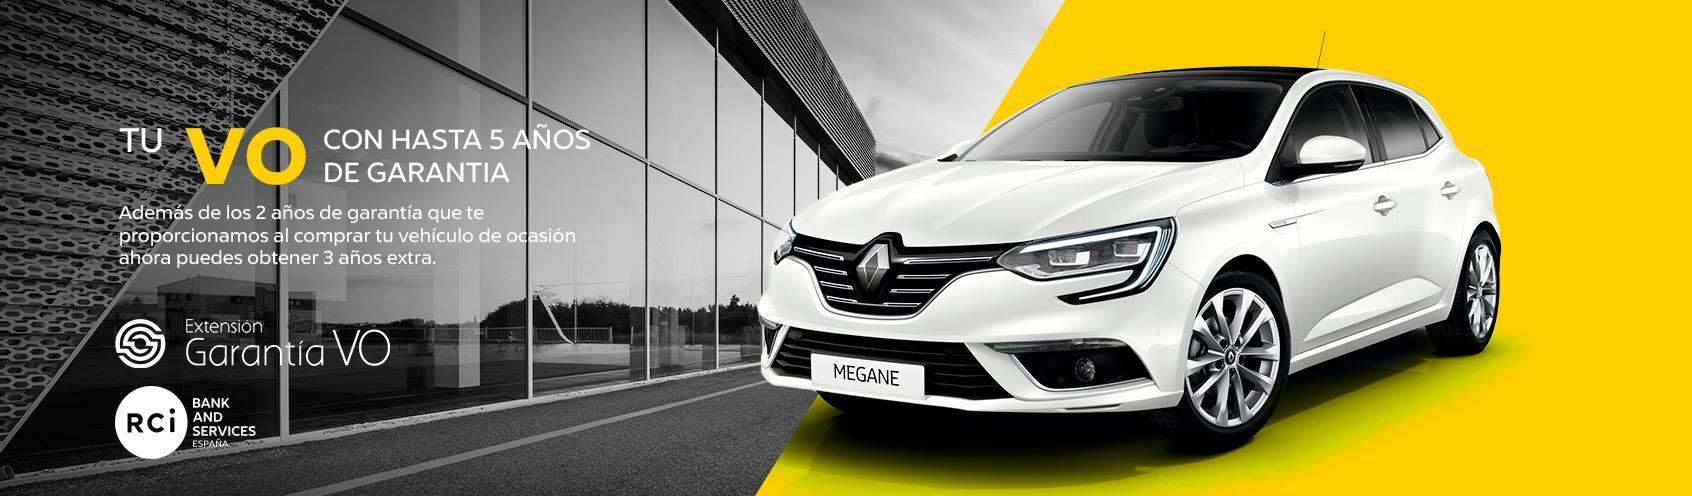 Extensión de Garantía Renault Retail Group